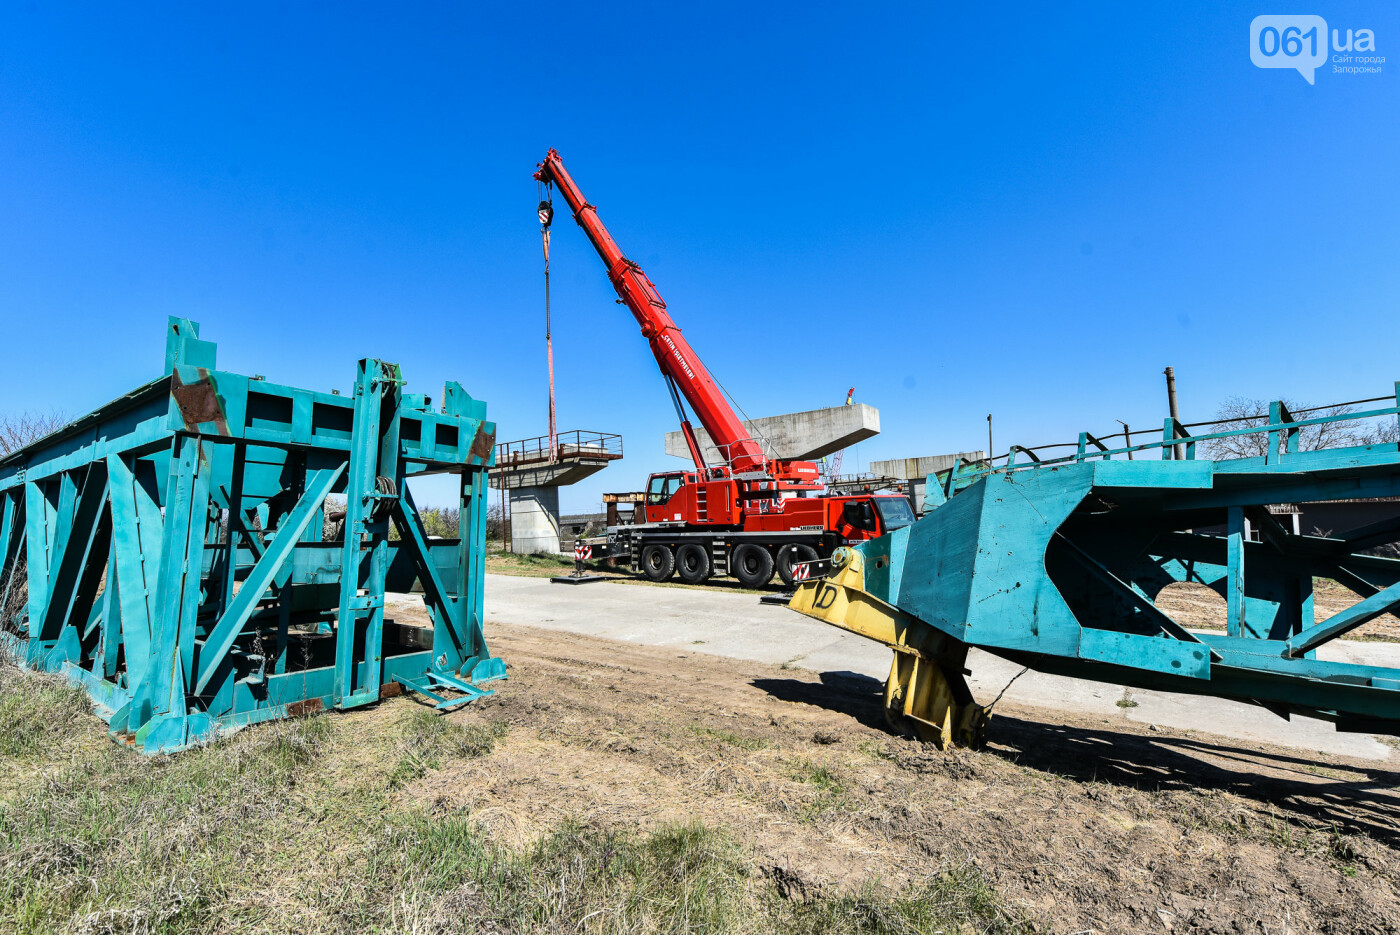 На запорожские мосты выделено 2,7 миллиарда: что сейчас проиходит стройплощадке, - ФОТОРЕПОРТАЖ, фото-19